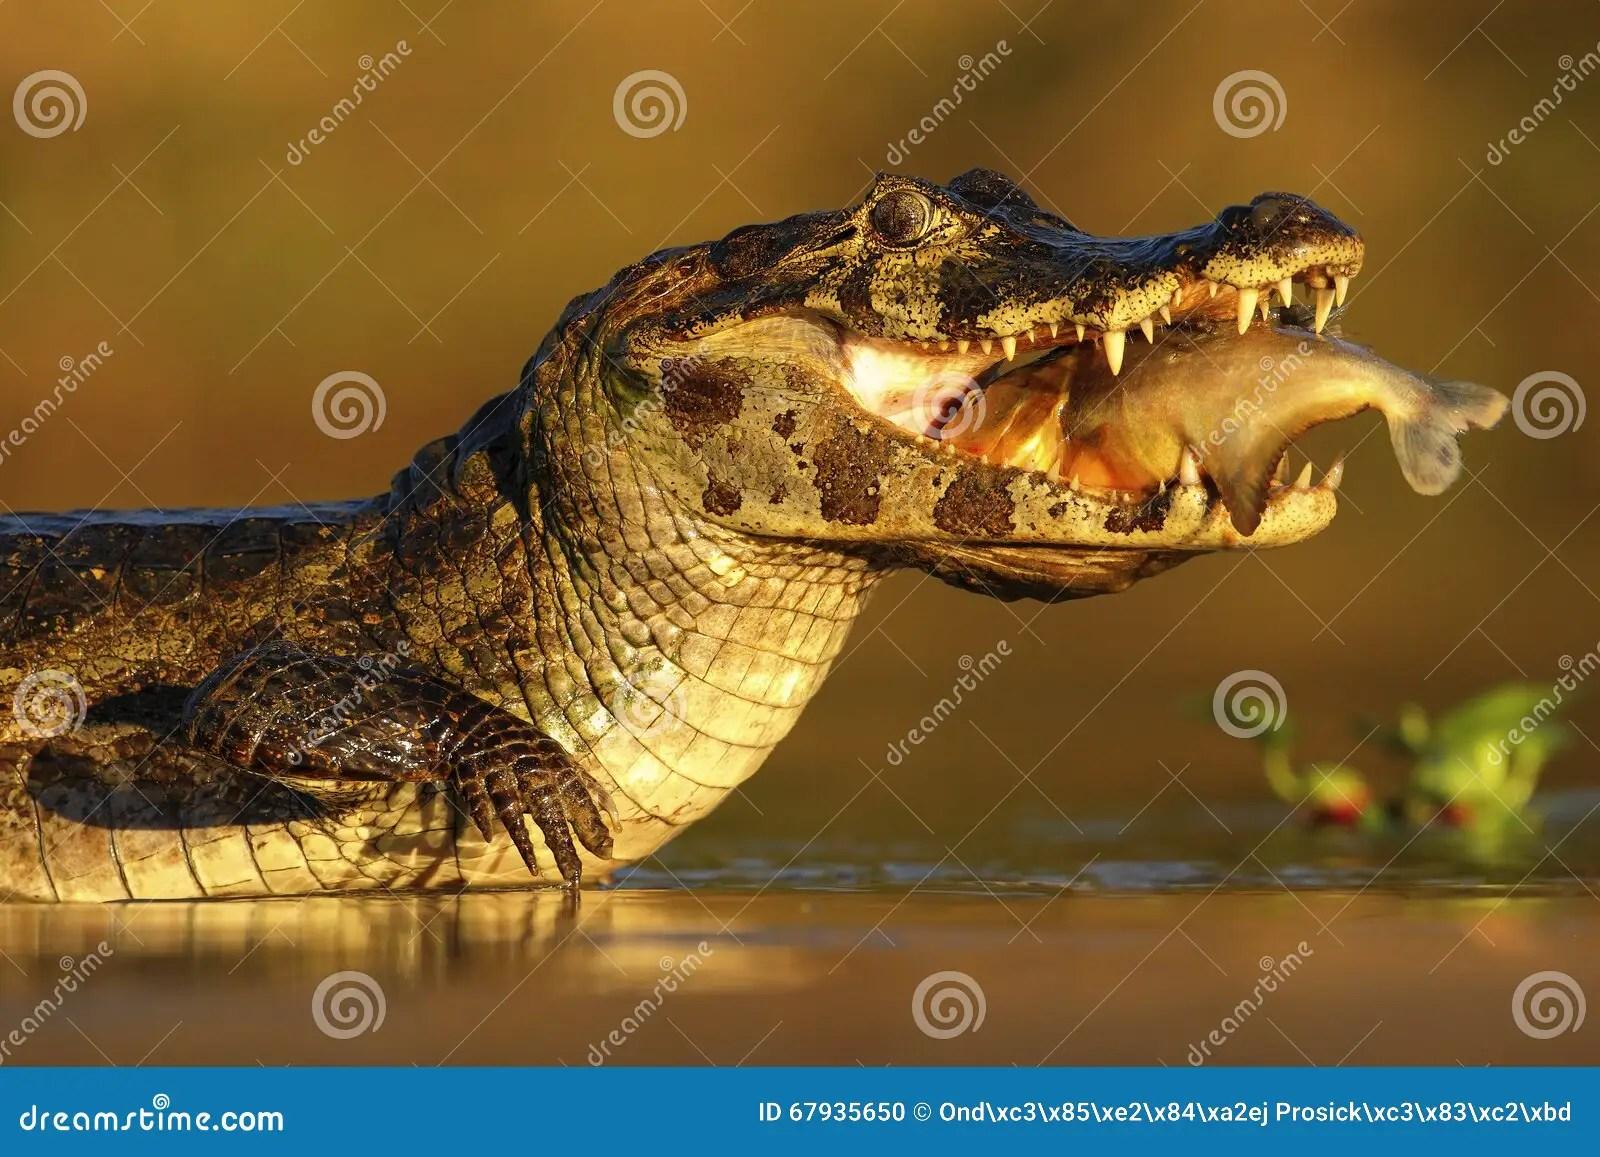 Caiman De Yacare Crocodile Avec Des Poissons Dedans Avec